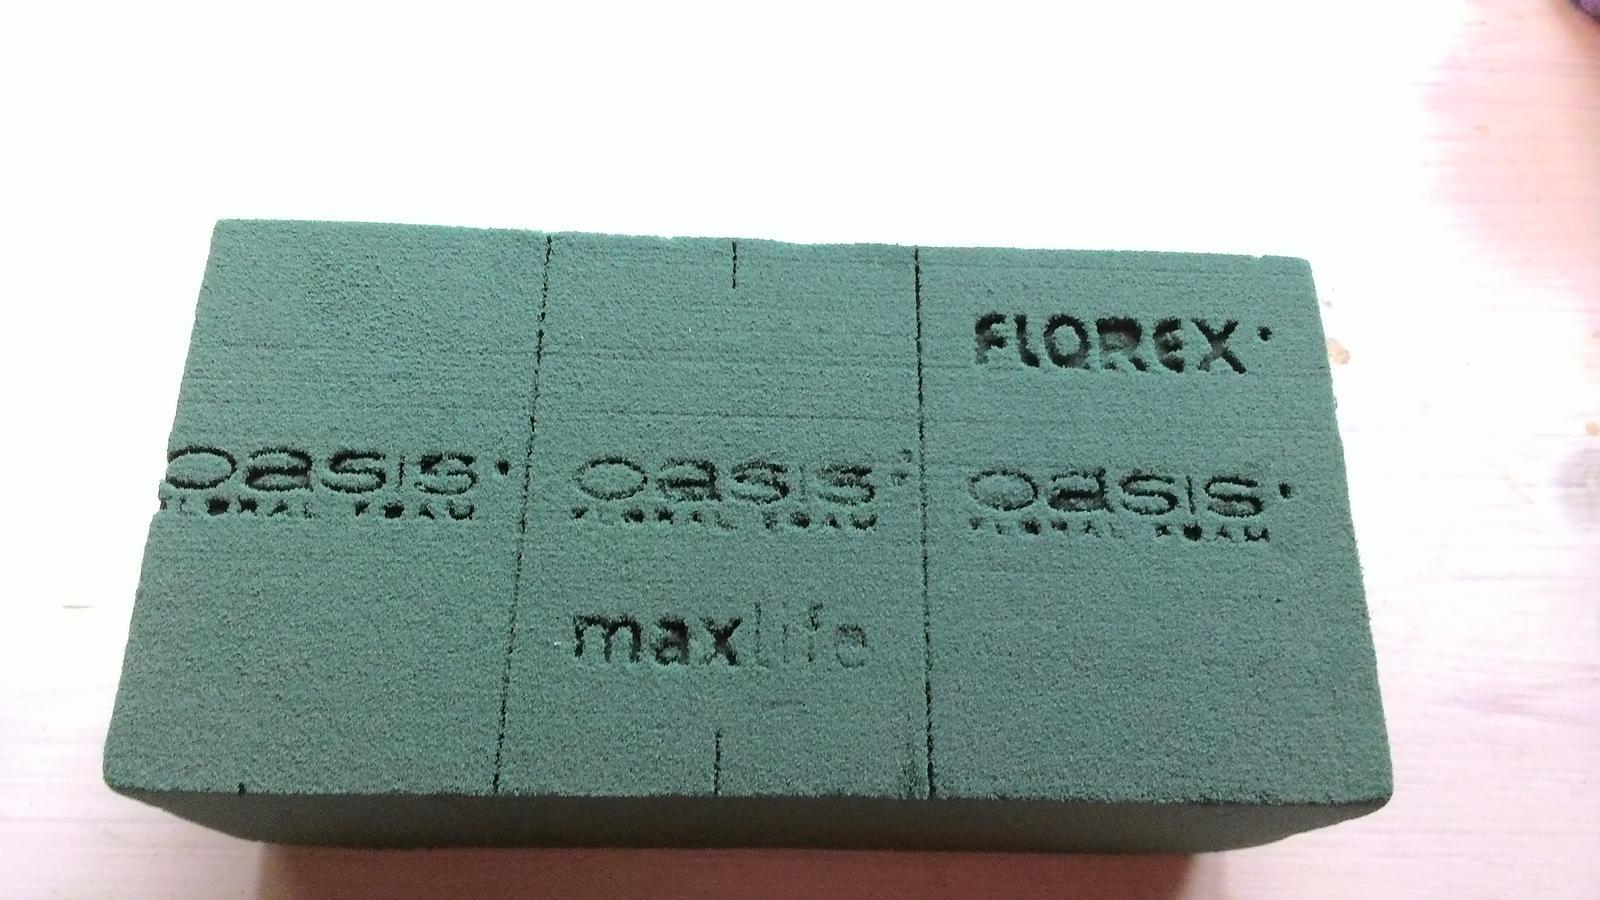 Aranžovací hmota Florex na květiny (pěna) - Obrázek č. 2